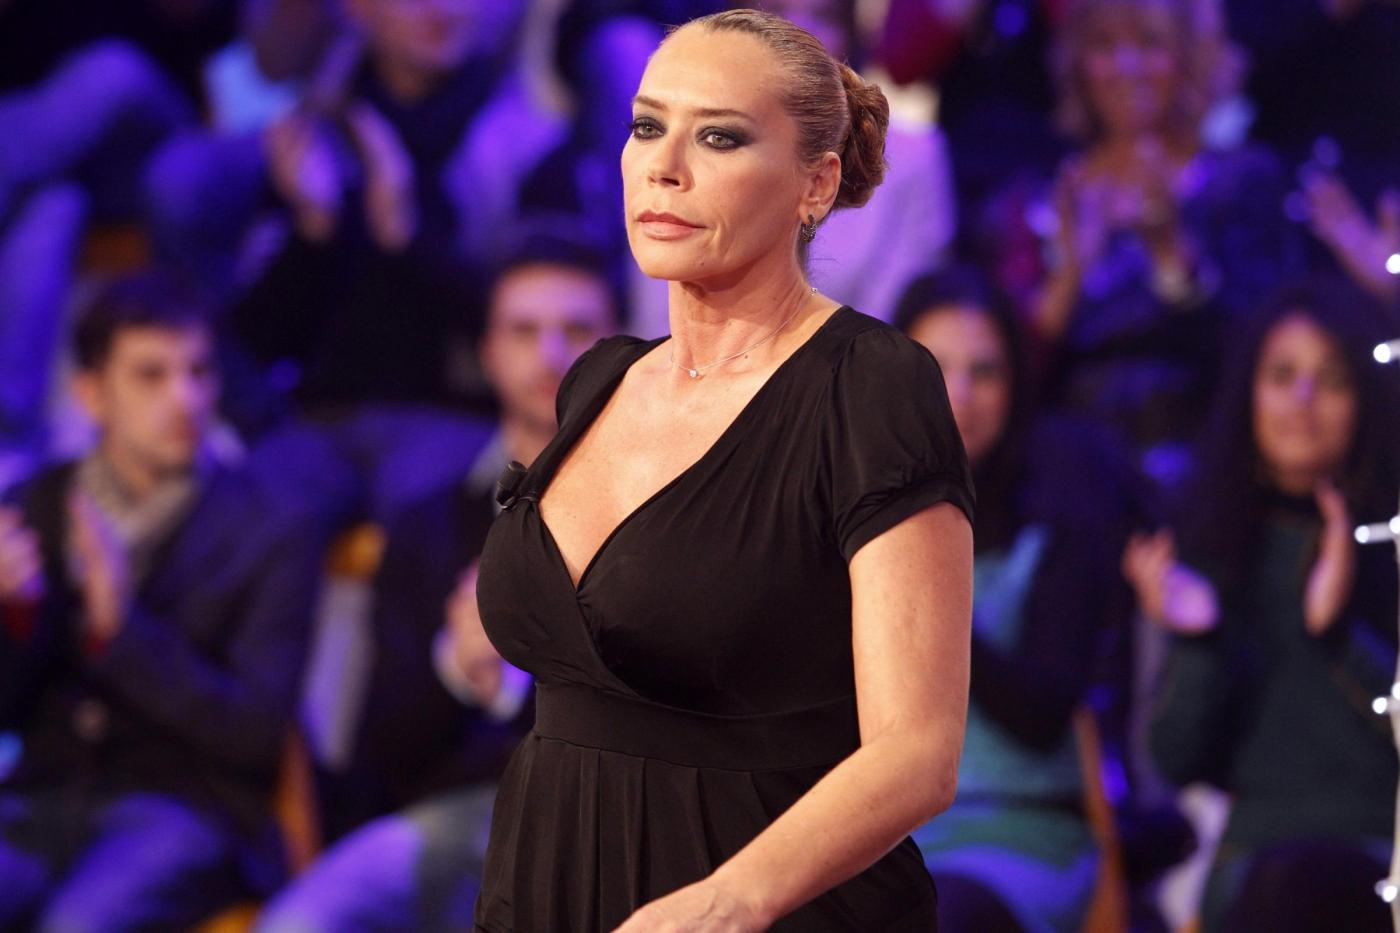 Barbara De Rossi aggredita dall'ex fidanzato? L'attrice smentisce